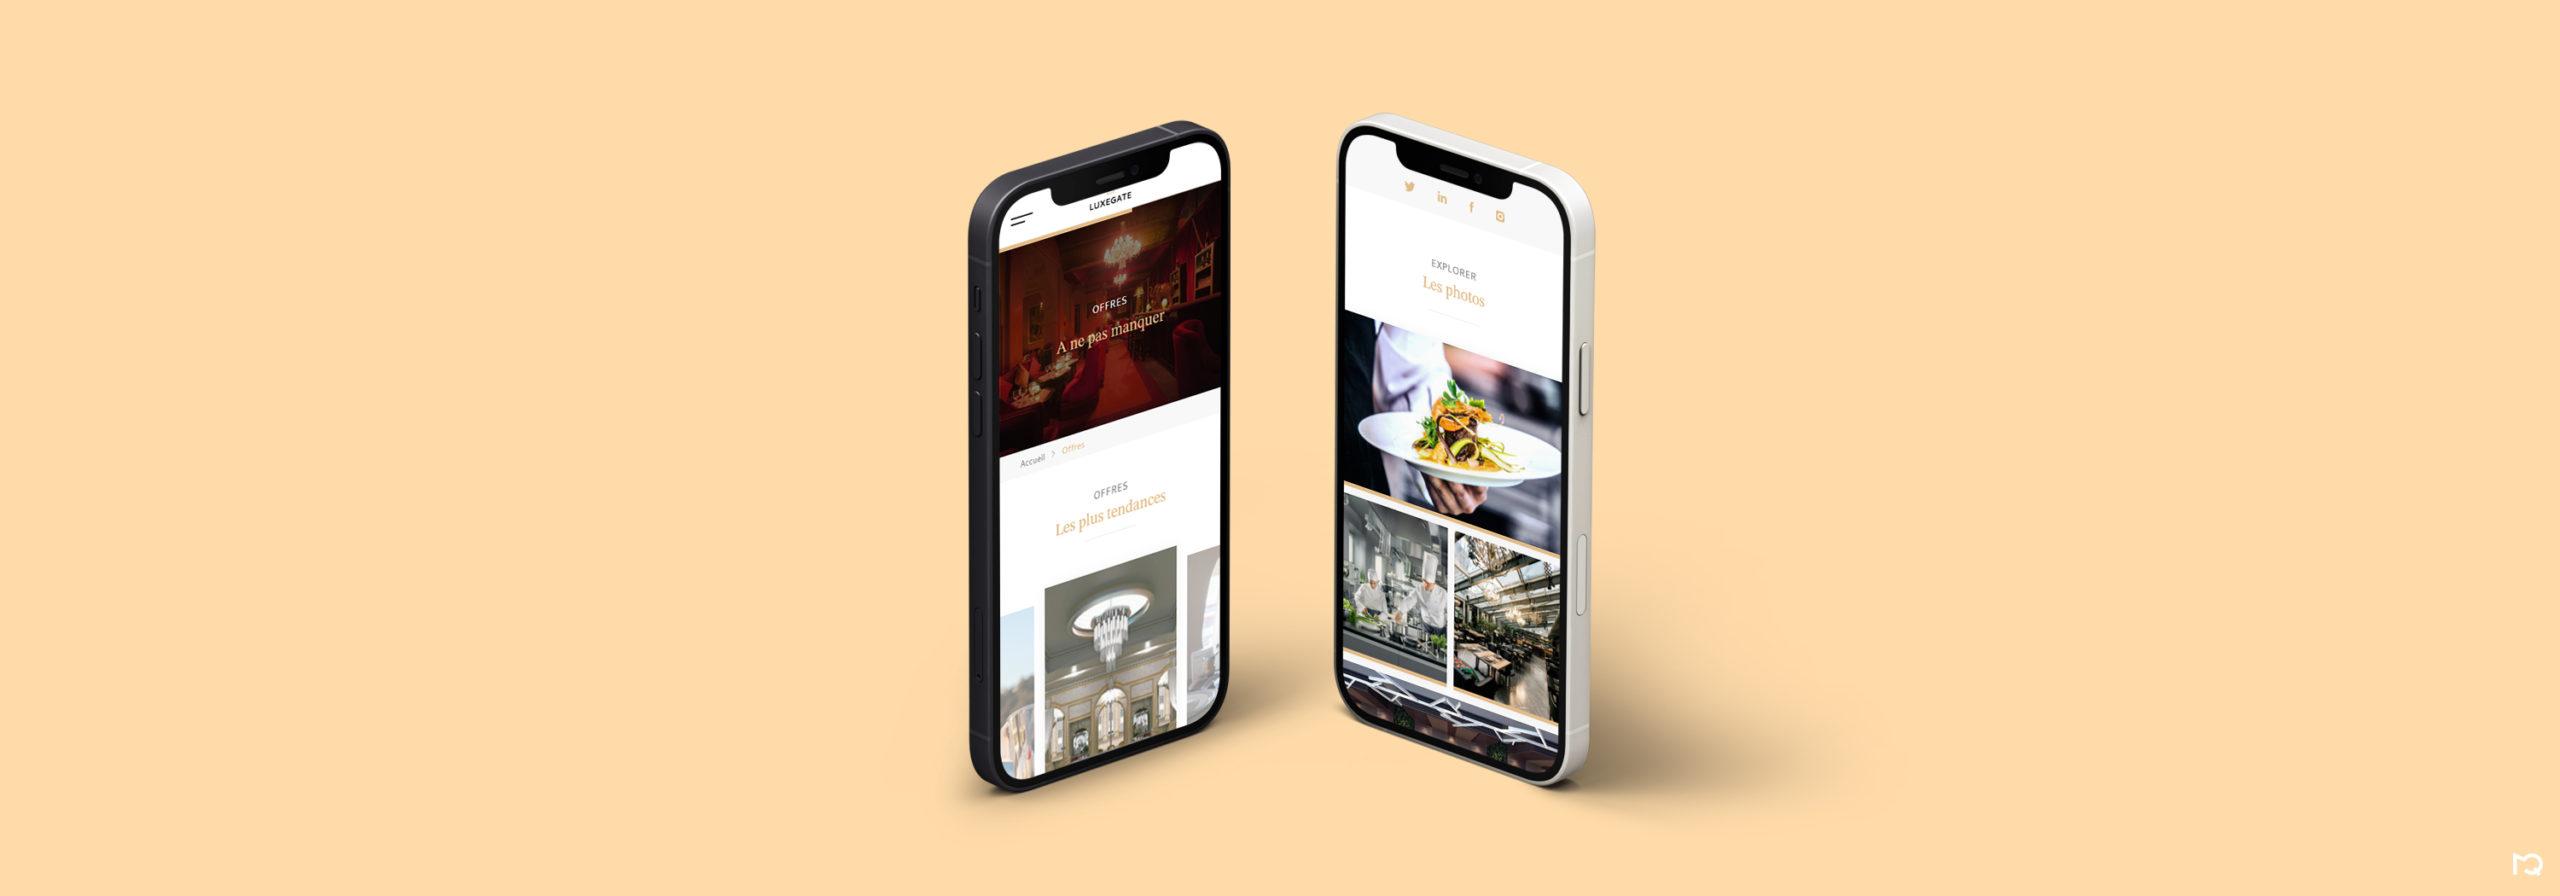 Maquettes LuxeGate sur différents téléphones